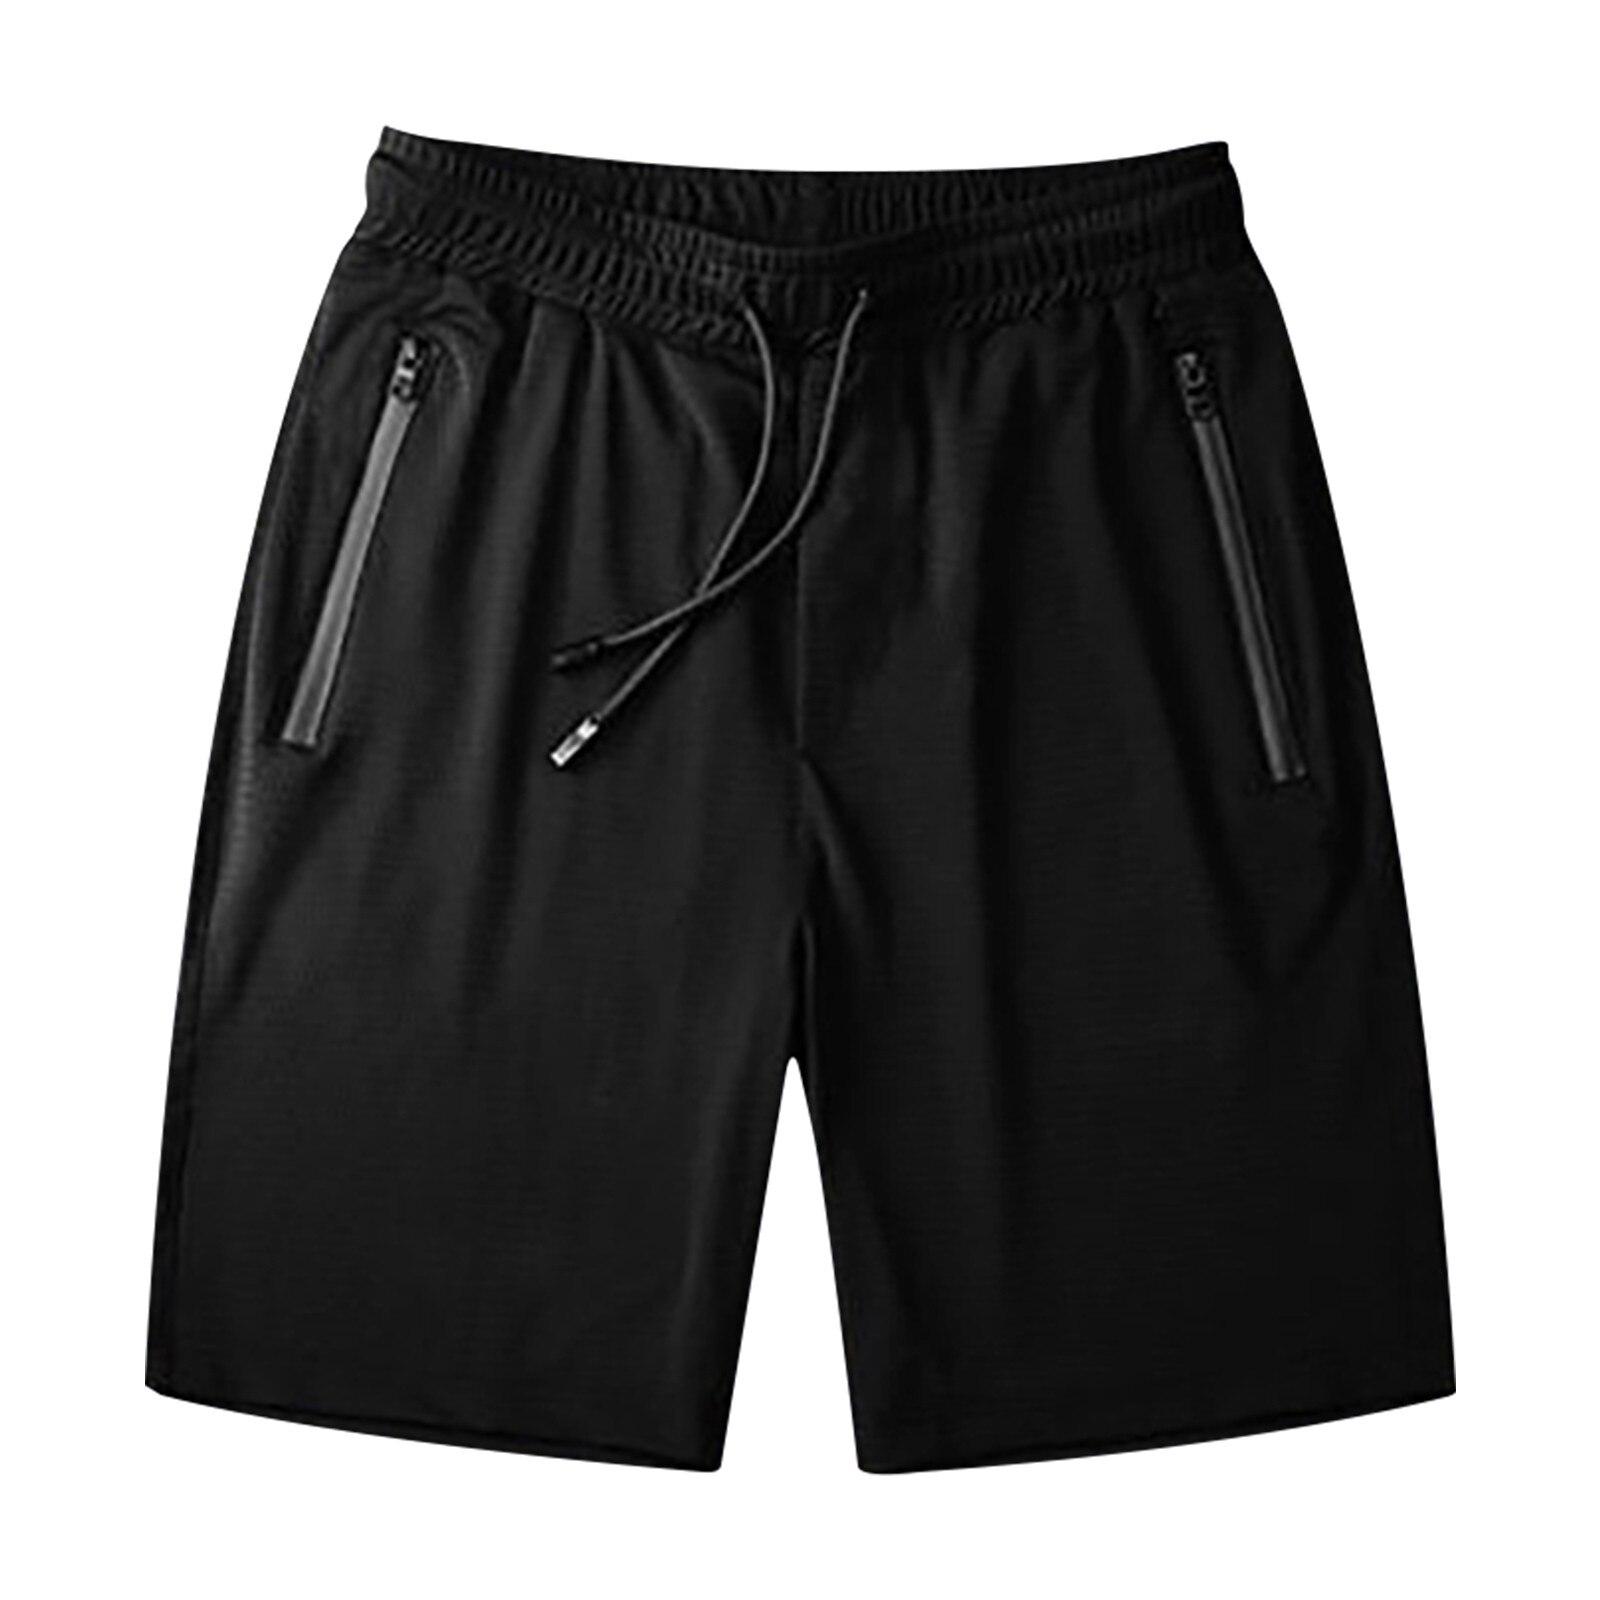 Повседневные шорты для мужчин, ледяной шелк, для фитнеса, для бега, стрейч, для йоги, мягкие мужские хлопковые тренировочные брюки для йоги, л...